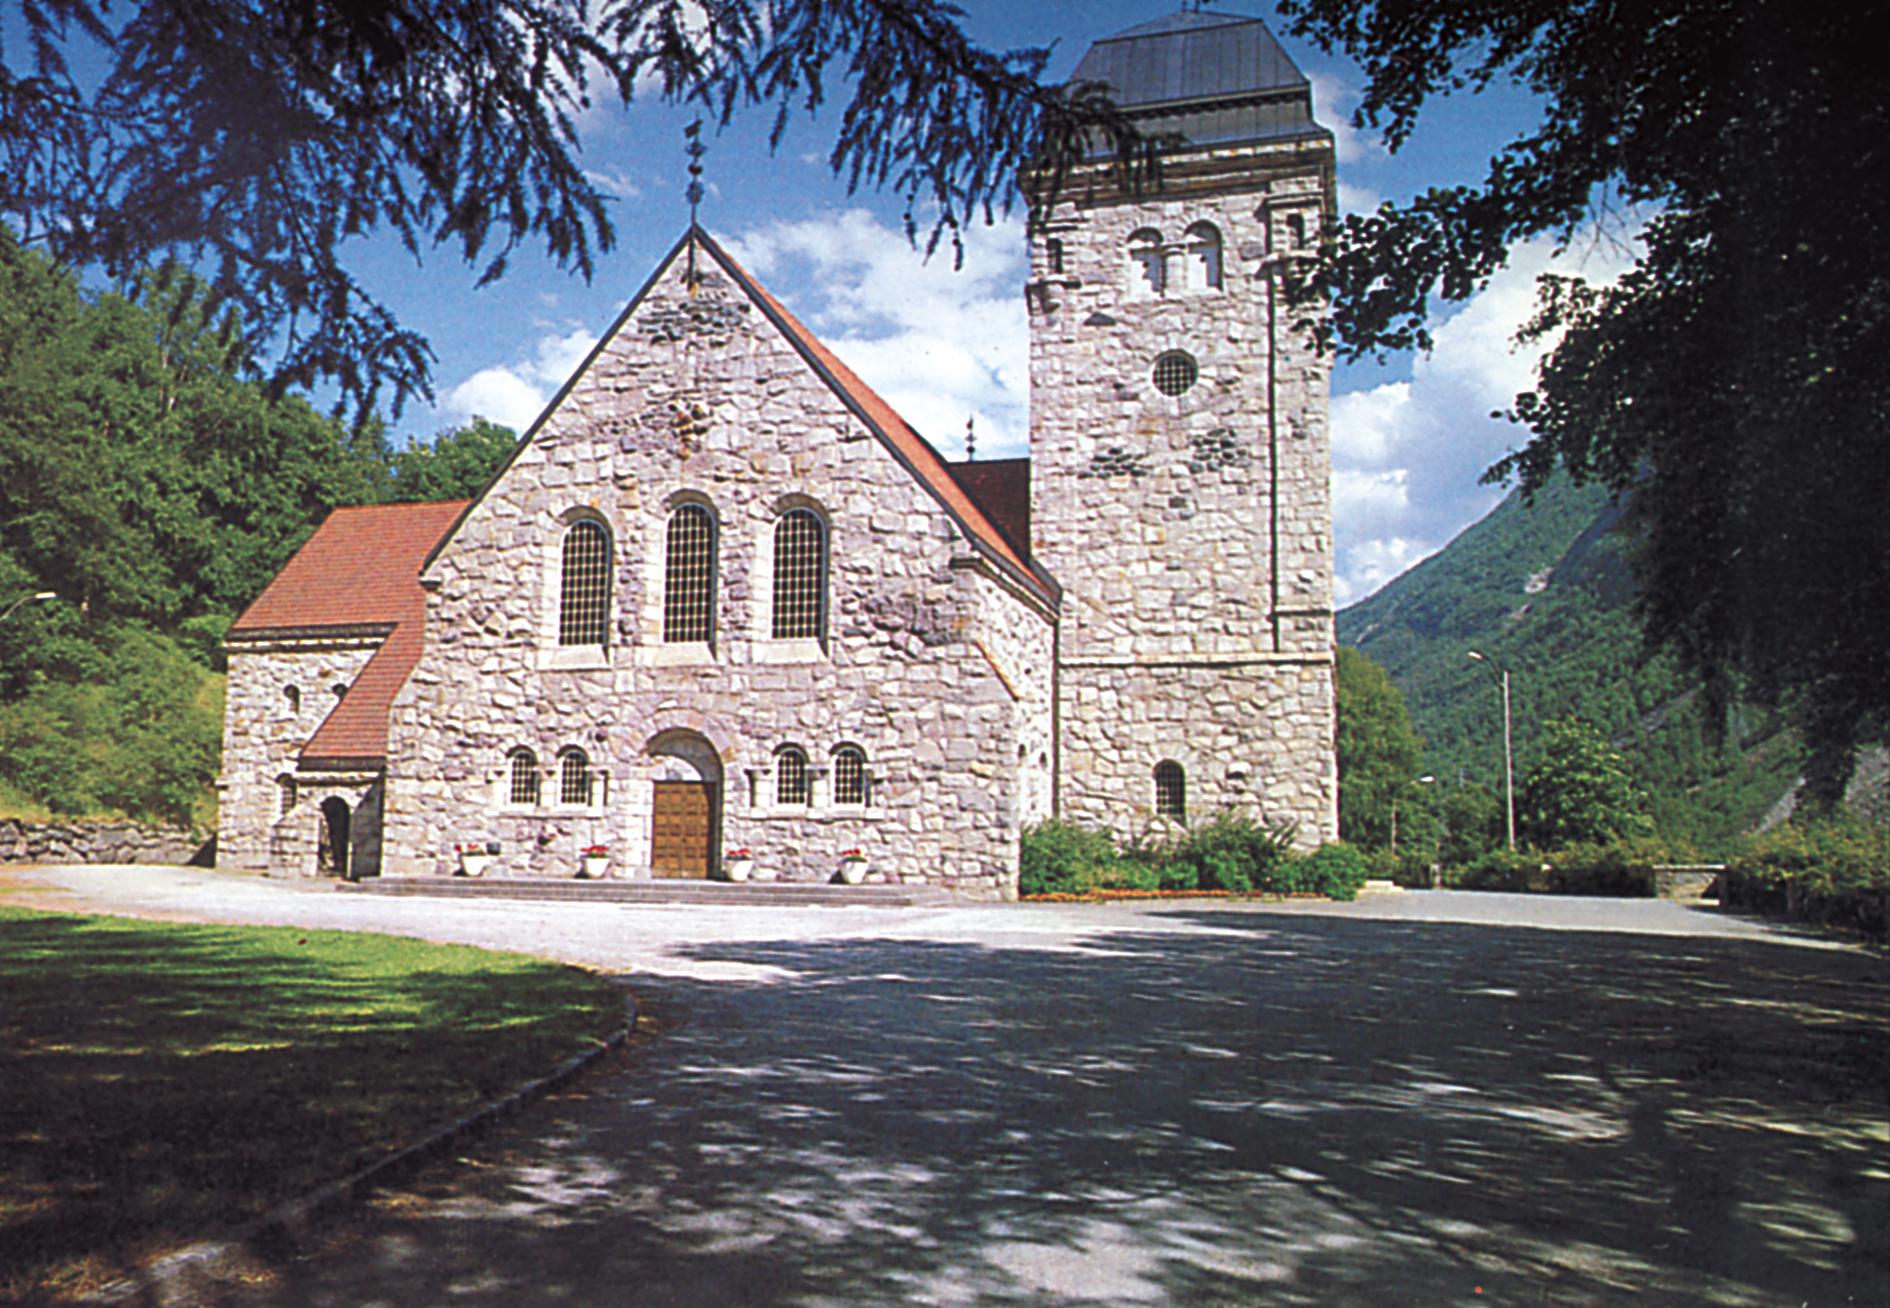 Altertavlen i Rjukan kirke er et glassmaleri av Torvald Moseid. Det kom til kirken i 1968. , © visitRjukan AS